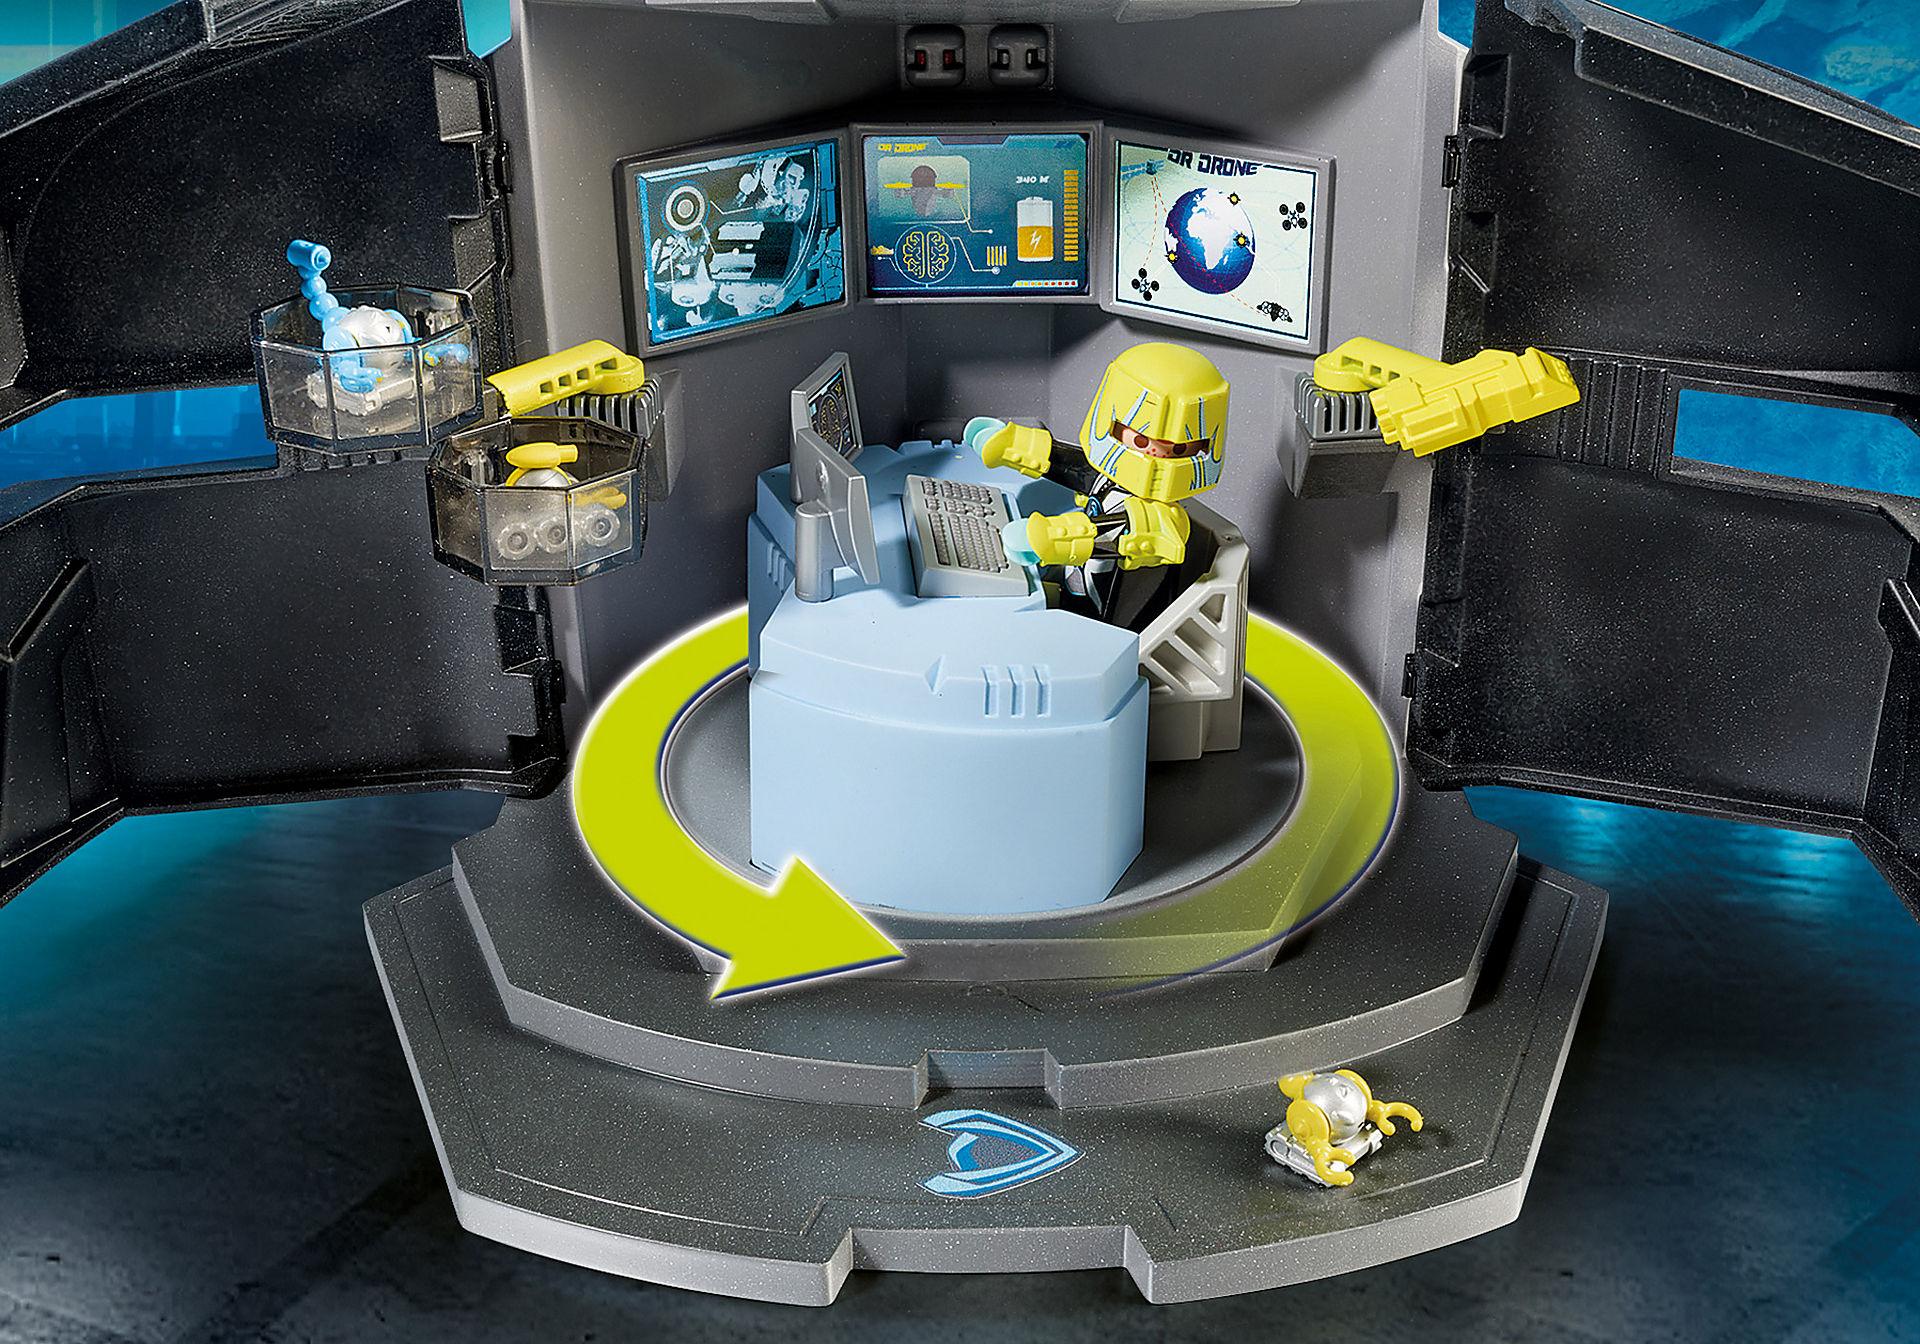 http://media.playmobil.com/i/playmobil/9250_product_extra1/Centrum dowodzenia Dr. Drone'a